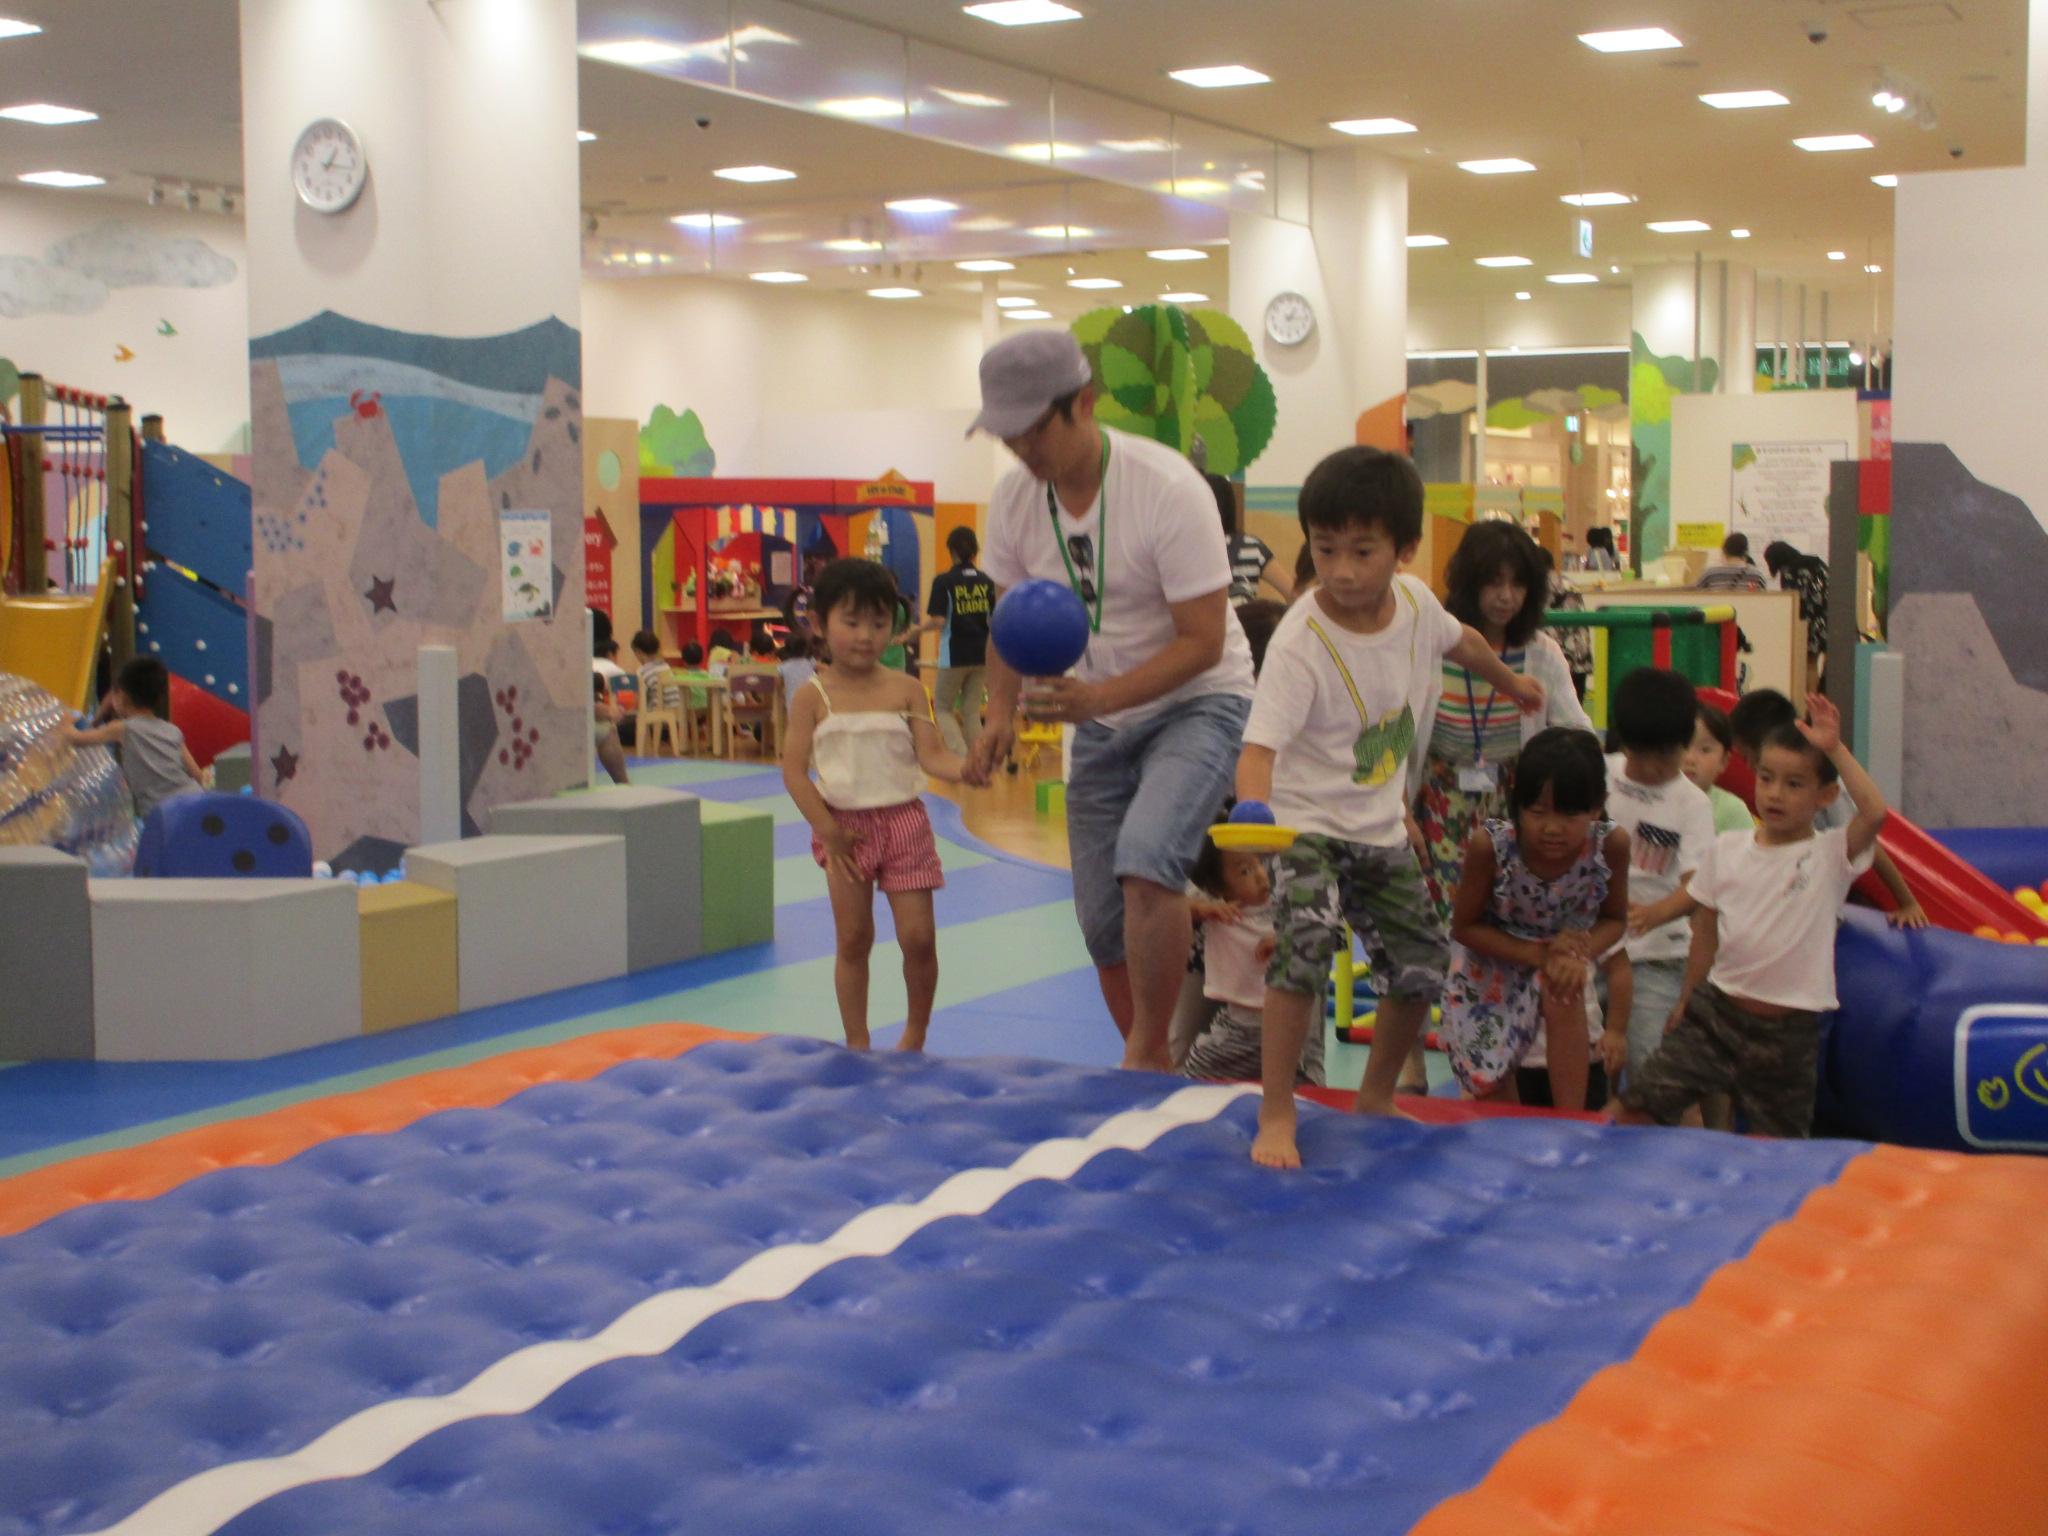 月曜日イベント「ボール運び競争」開催!